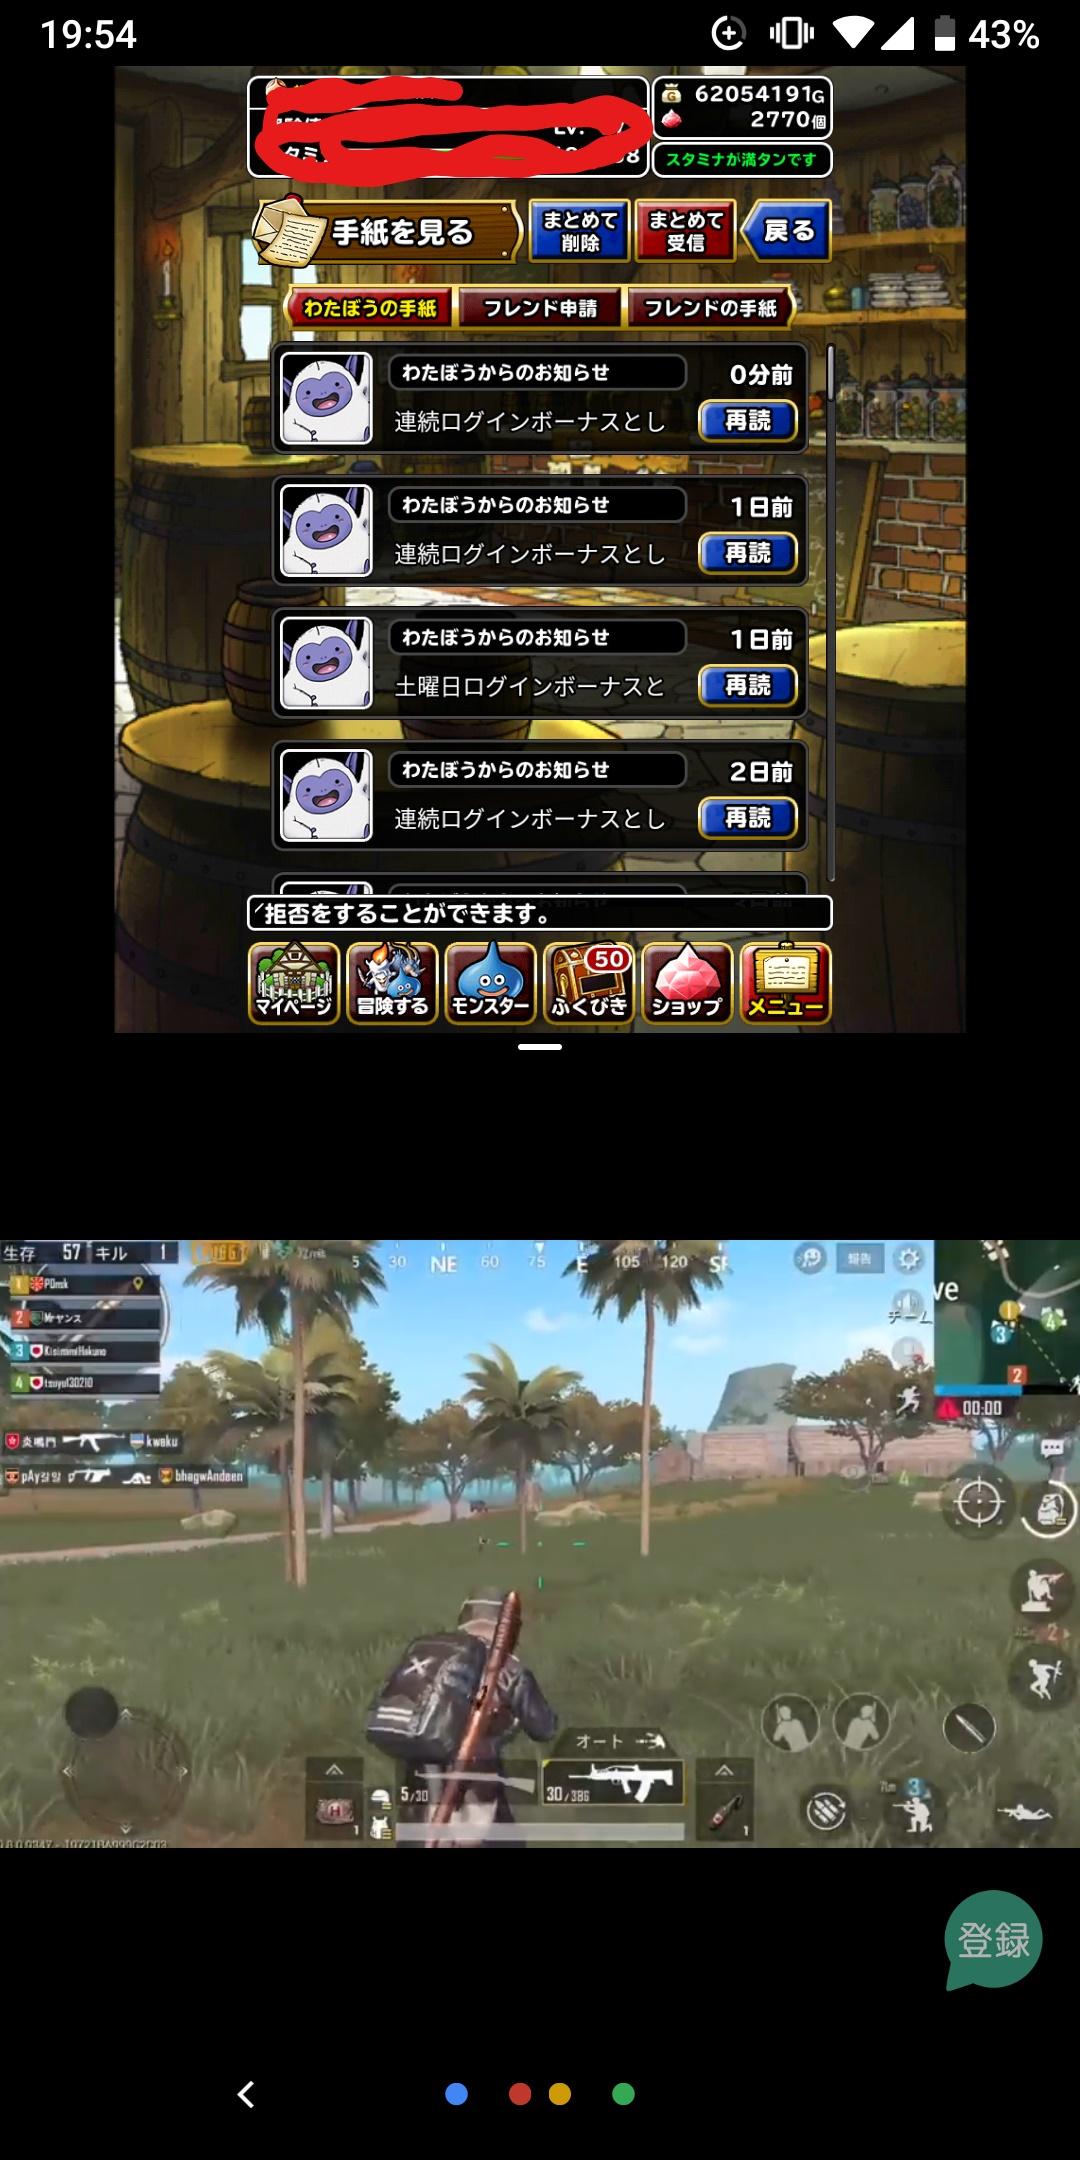 Inkedscreenshot_20181216-195411_LI.jpg